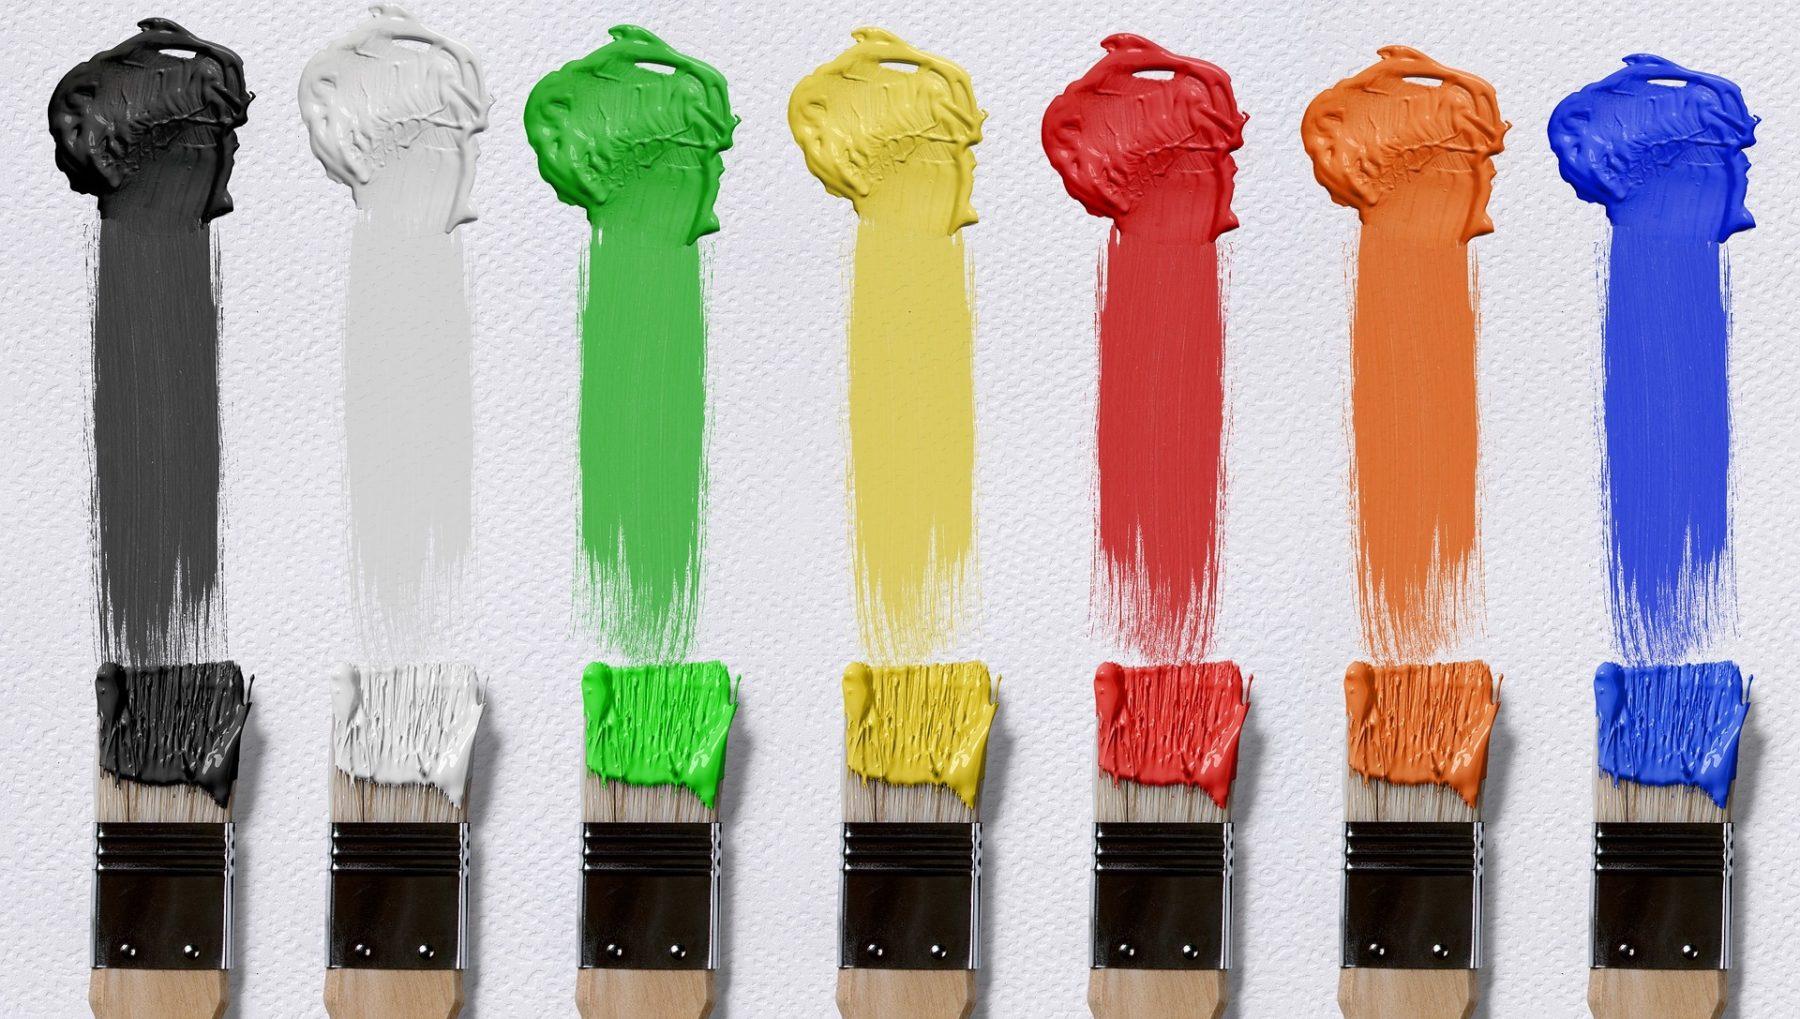 Wenn der Farbanstrich an der Wand trocknet, dünstet das Lösungsmittel aus. Foto: Pixabay